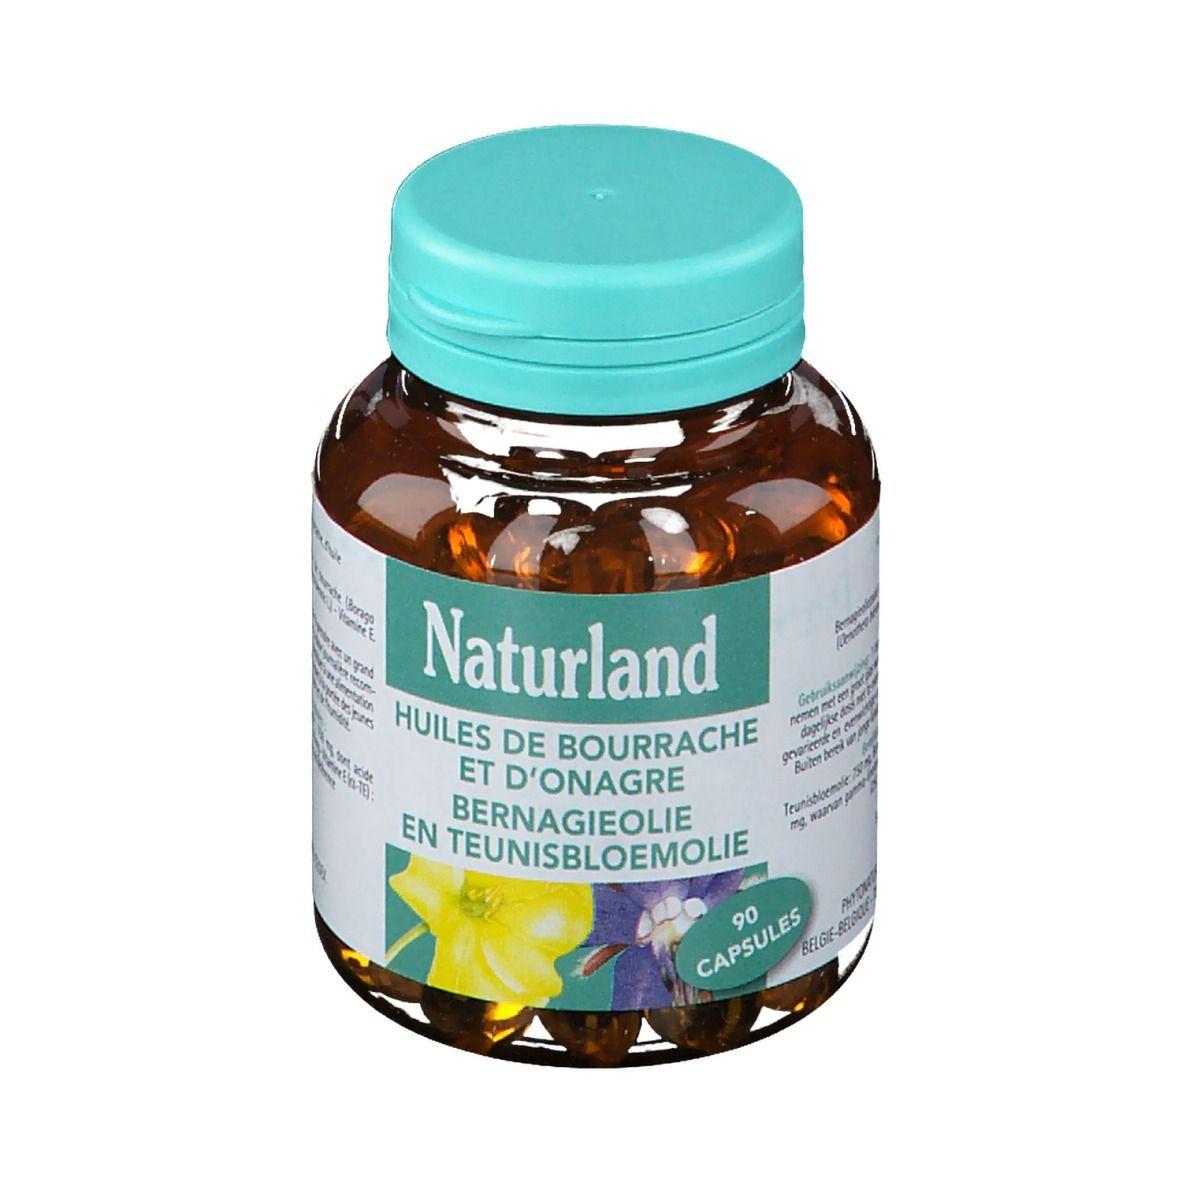 Naturland HUILES DE BOURRACHE ET D'ONAGRE pc(s) capsule(s) douce(s)